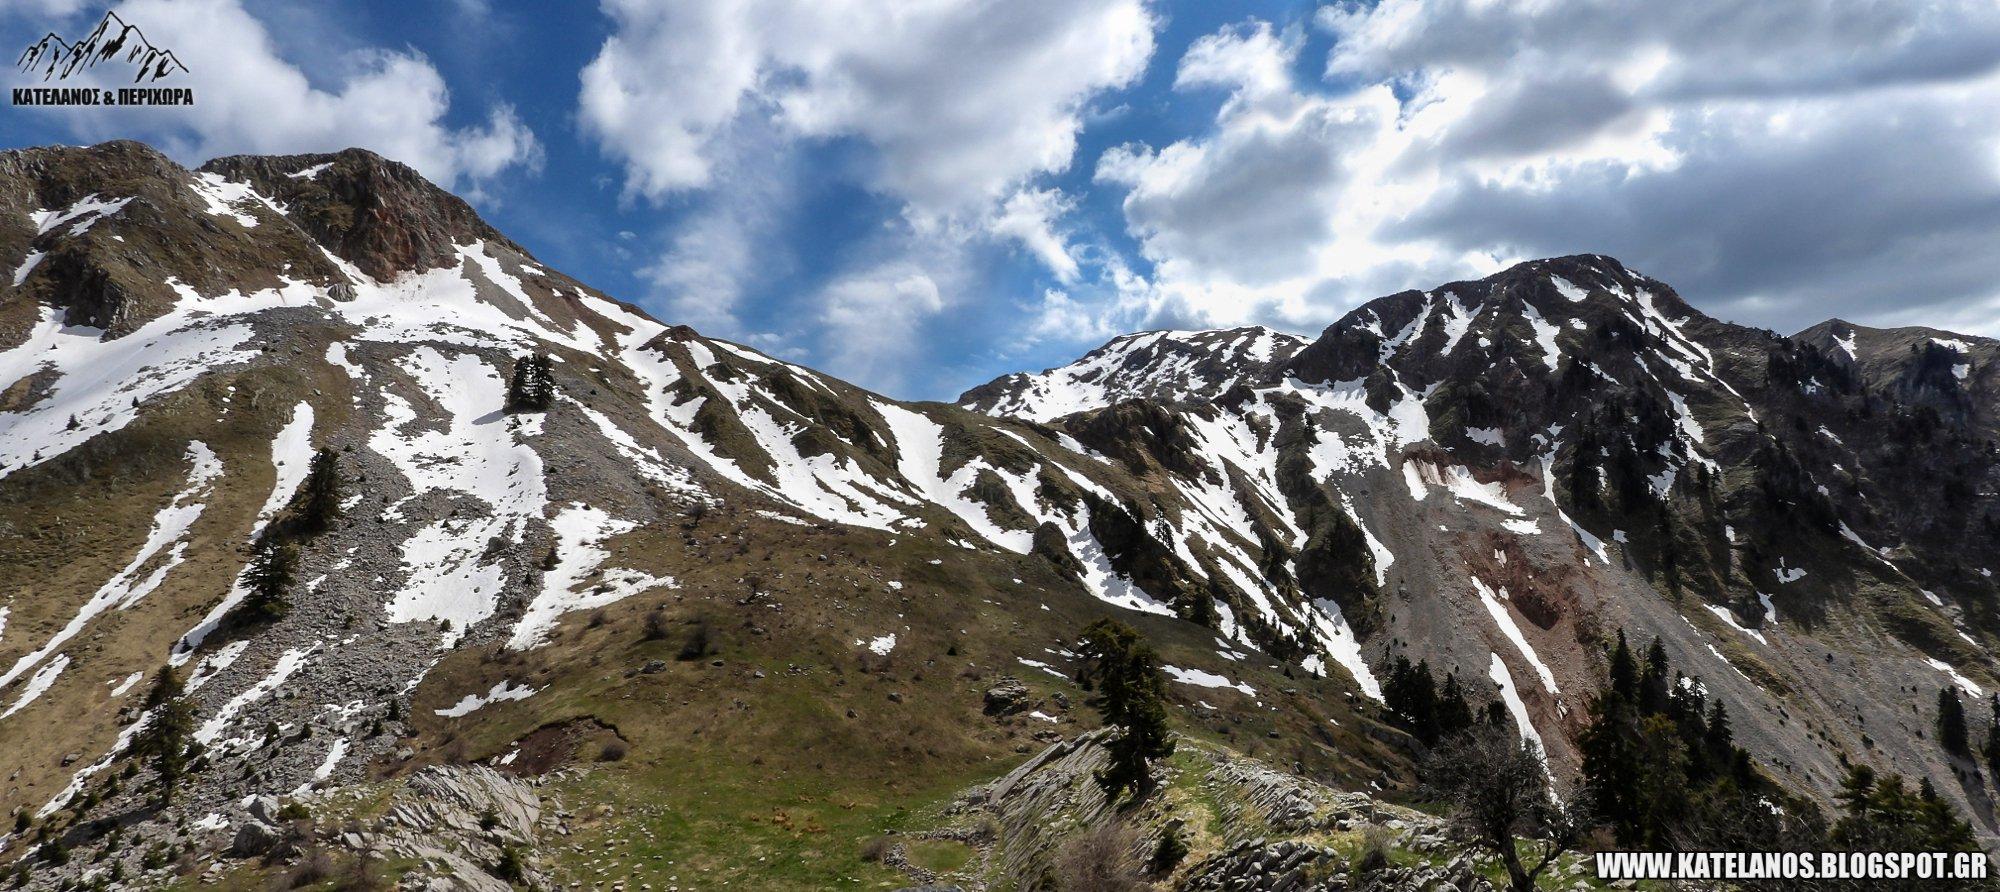 κρημνιτσα και κατελανος παναιτωλικου ορους με χιονουρες ανοιξη βουνα κορυφες θεση βουρλο